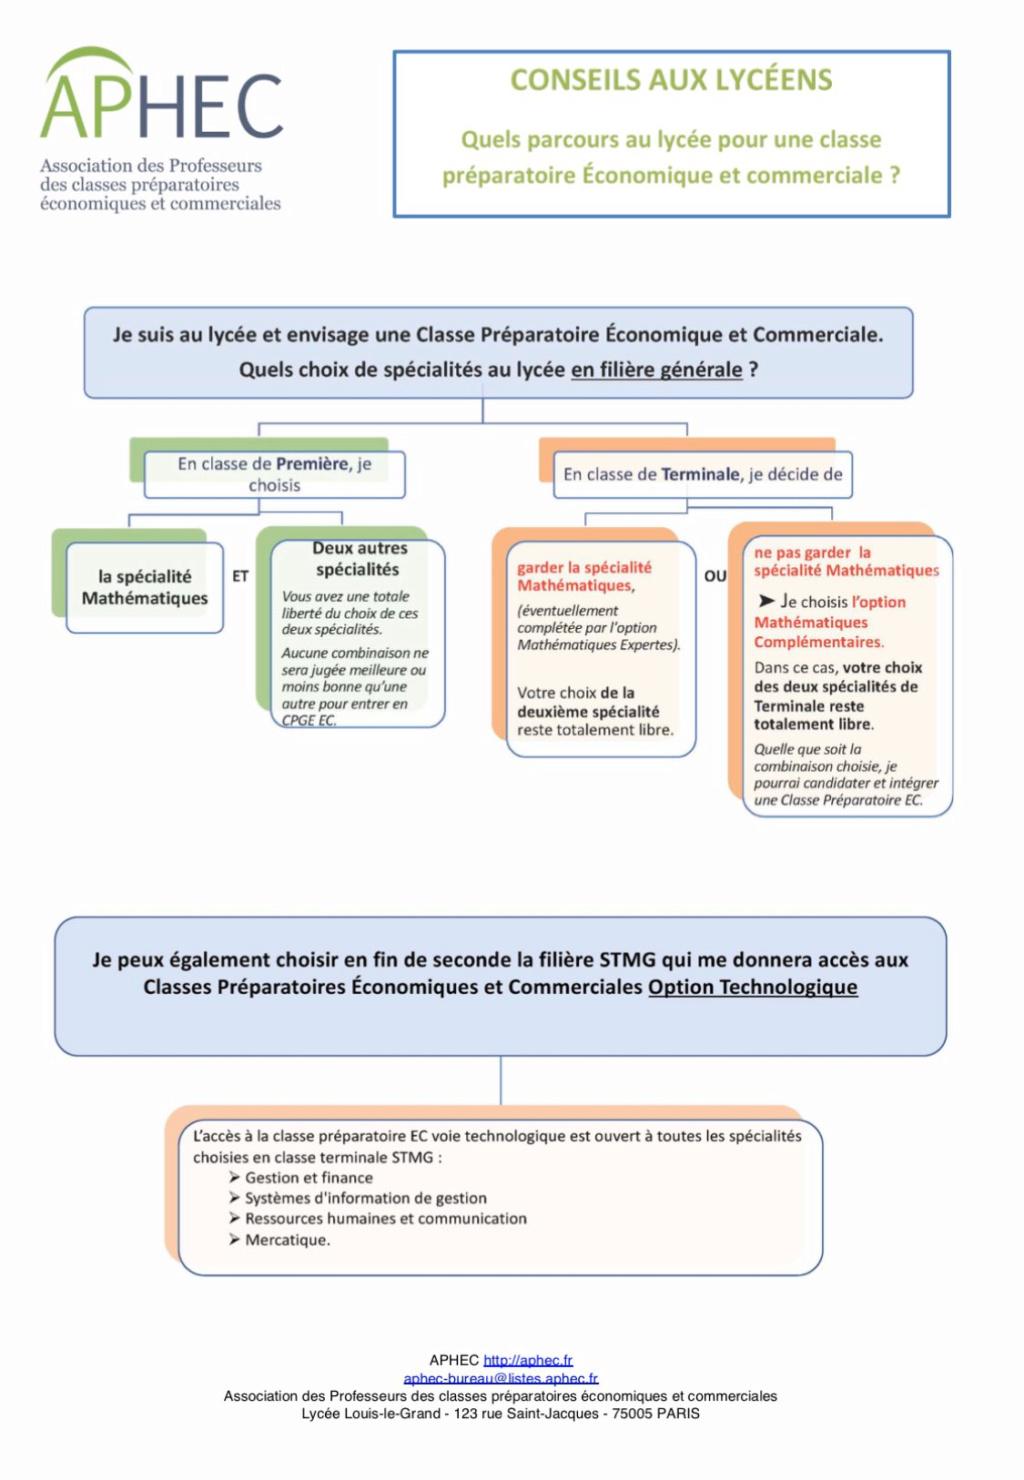 Parcoursup et nouveau bac : prérequis des diverses formations (recensement) - Page 8 Image10